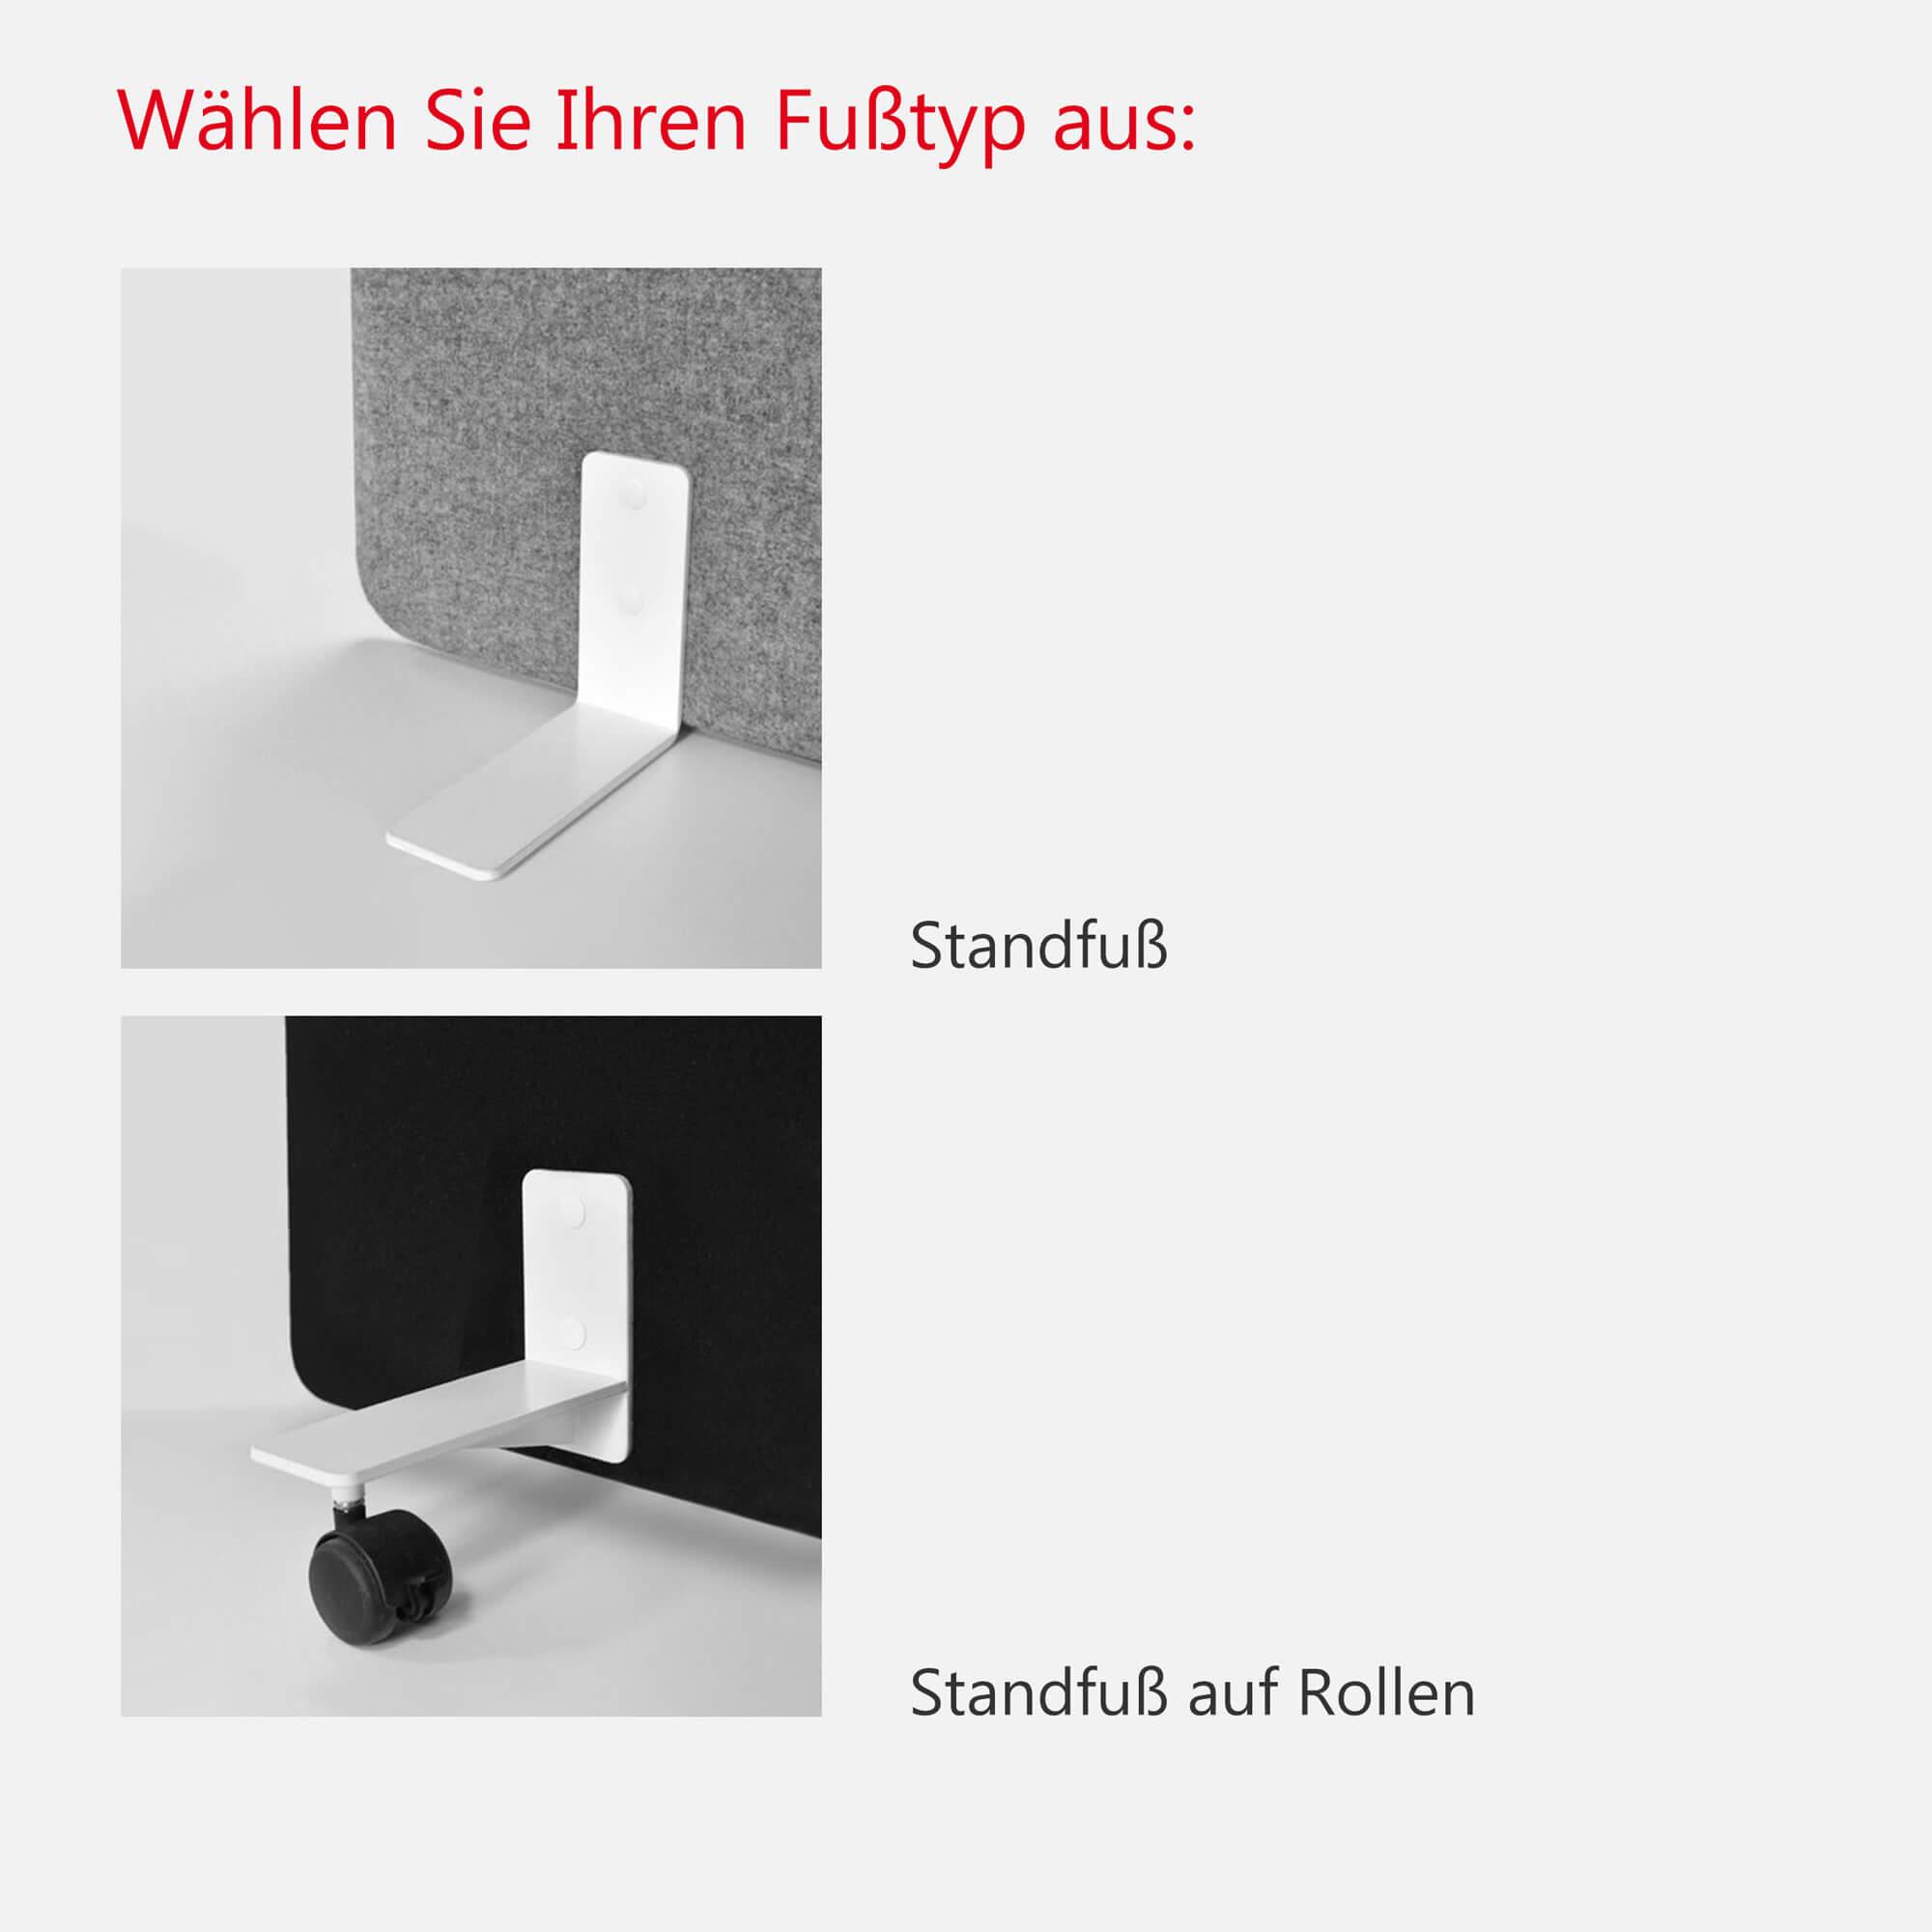 Stellwand Flexible Trennwand FREE STANDING Sichtschutz Lärmschutz Schallabsorbierend Raumteiler Akustik LUCIA